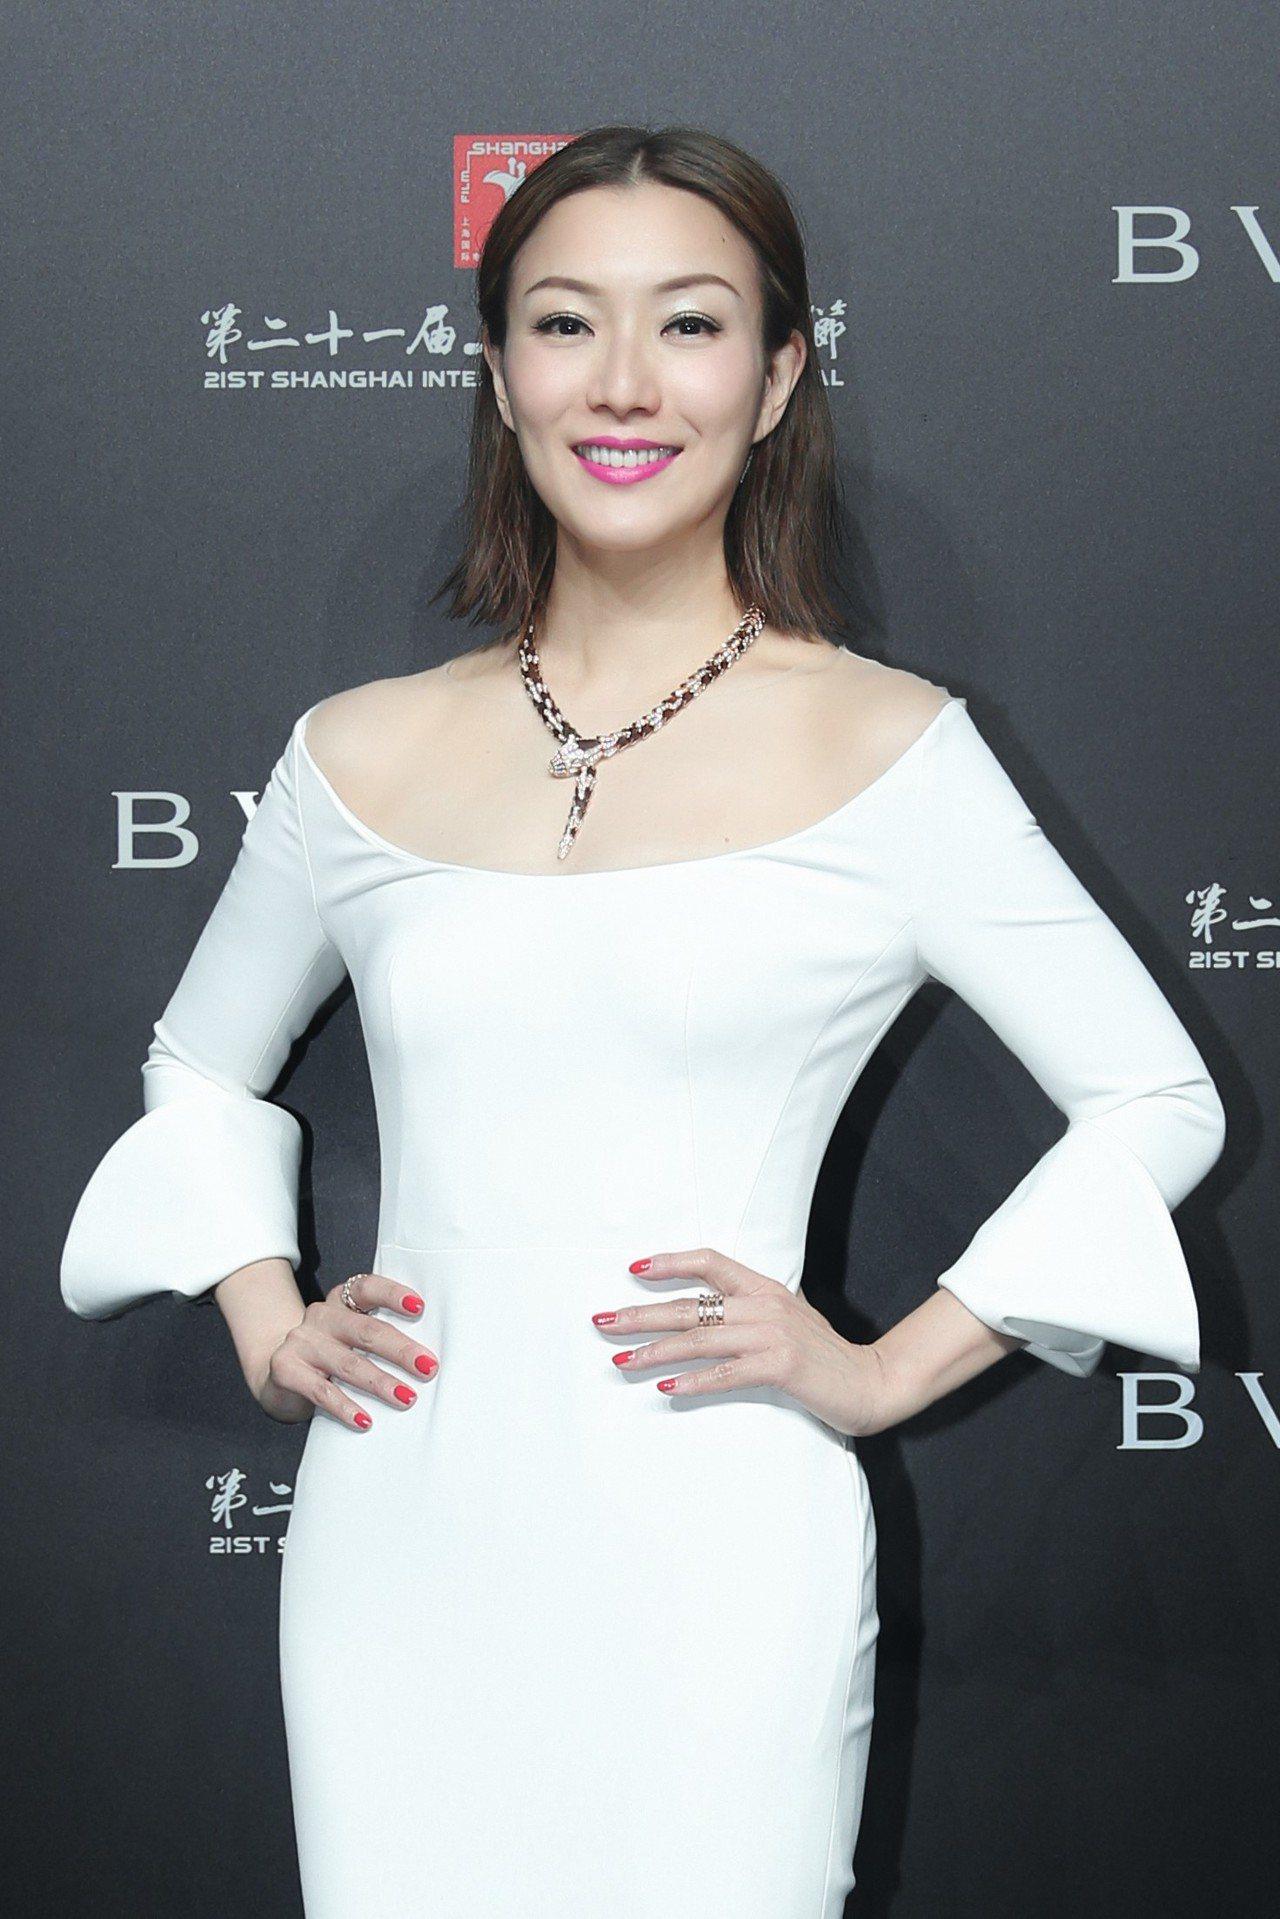 知名女星鄭秀文配戴寶格麗Serpenti系列項鍊出席開幕上海國際電影節開幕晚會。...